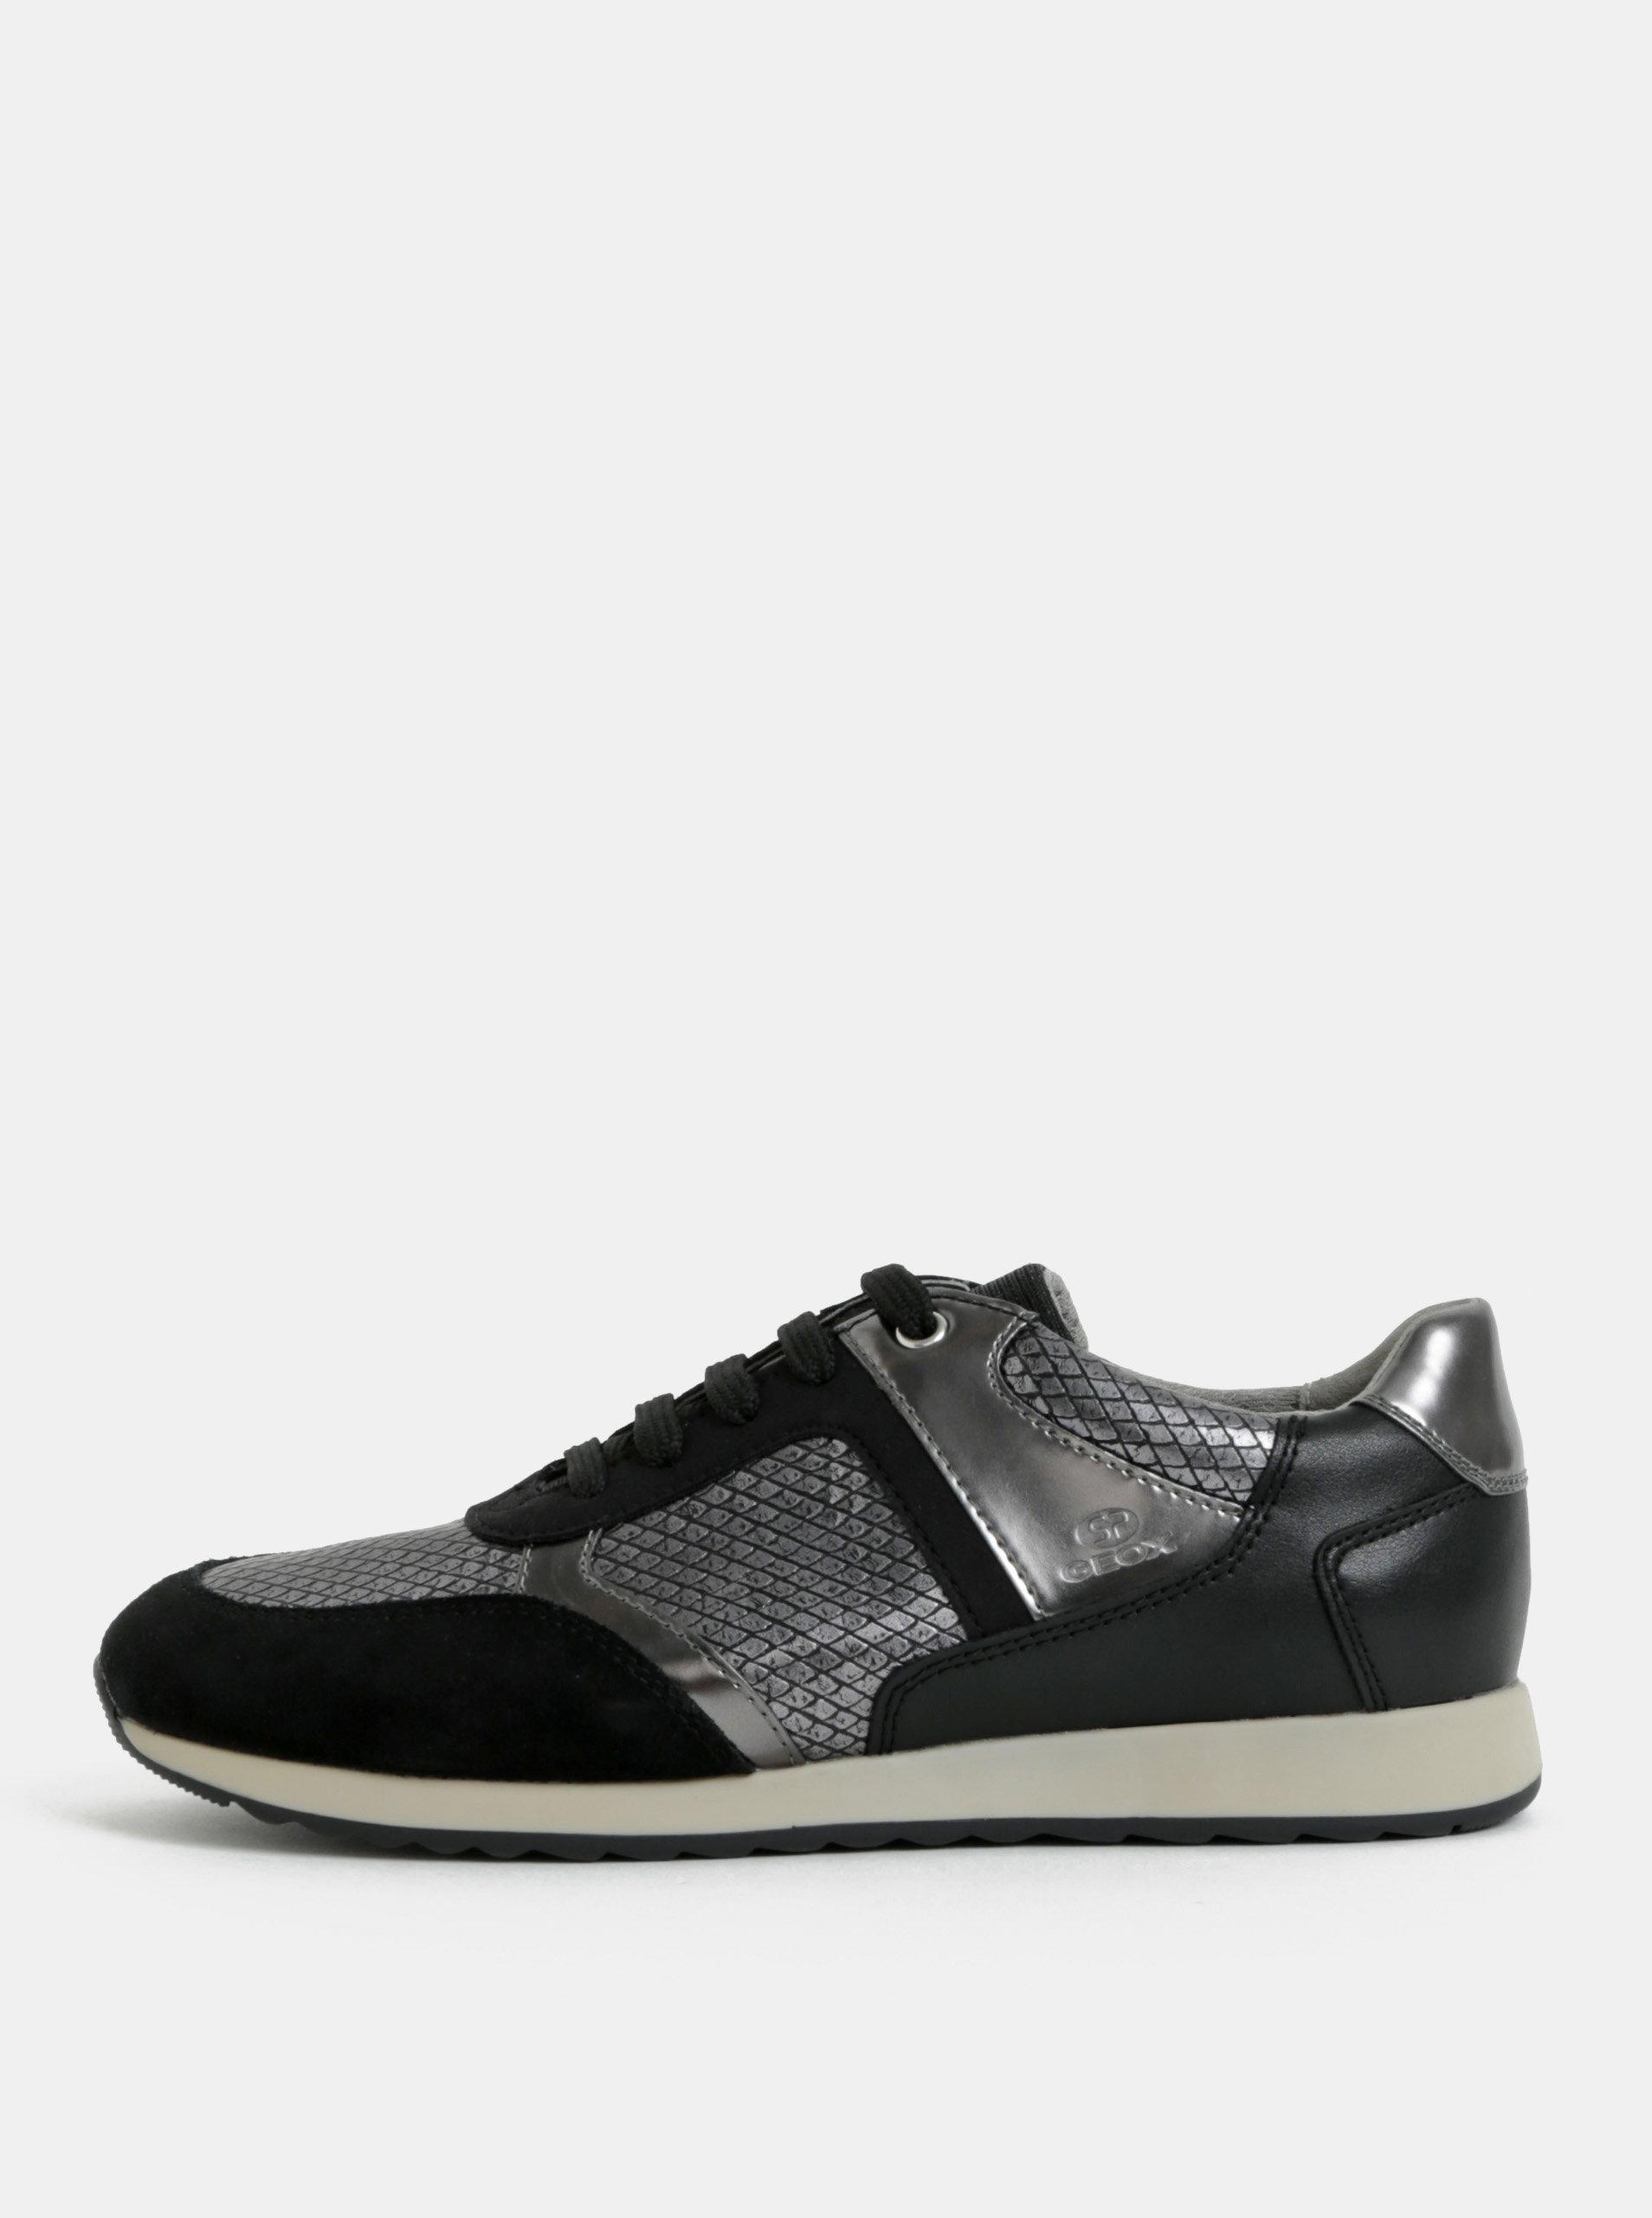 Strieborno-čierne dámske tenisky so semišovými detailmi Geox ... 53354630f8a